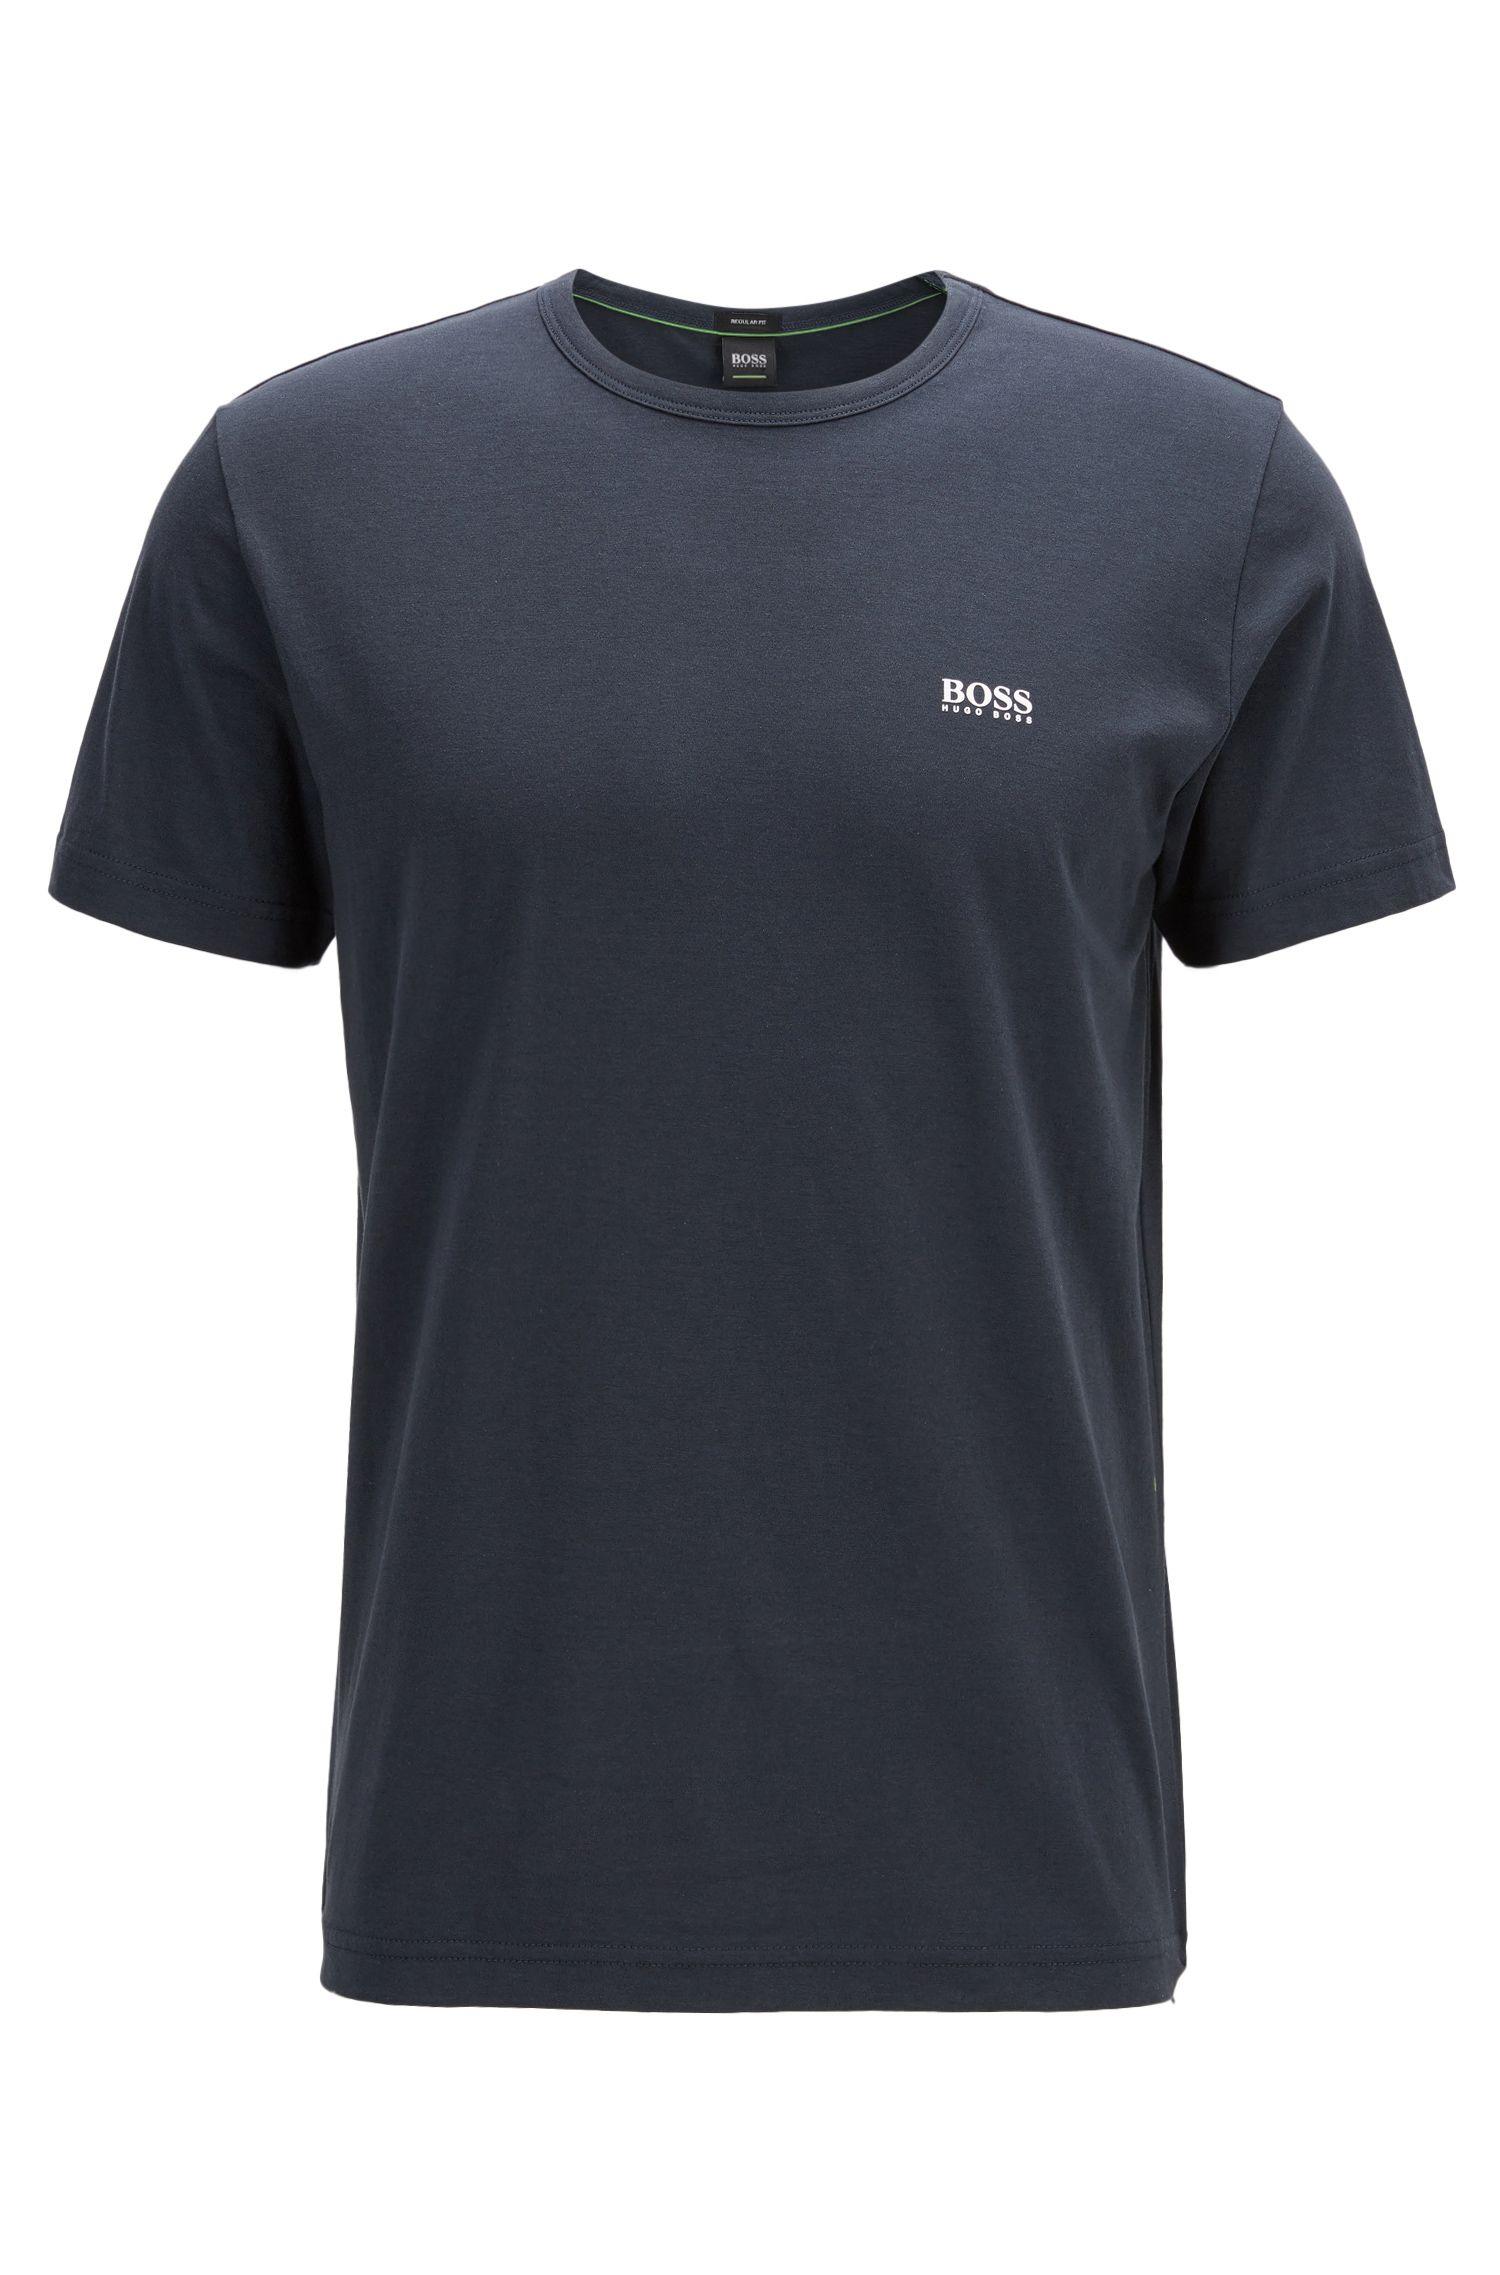 'Tee' | Cotton Jersey Logo T-Shirt